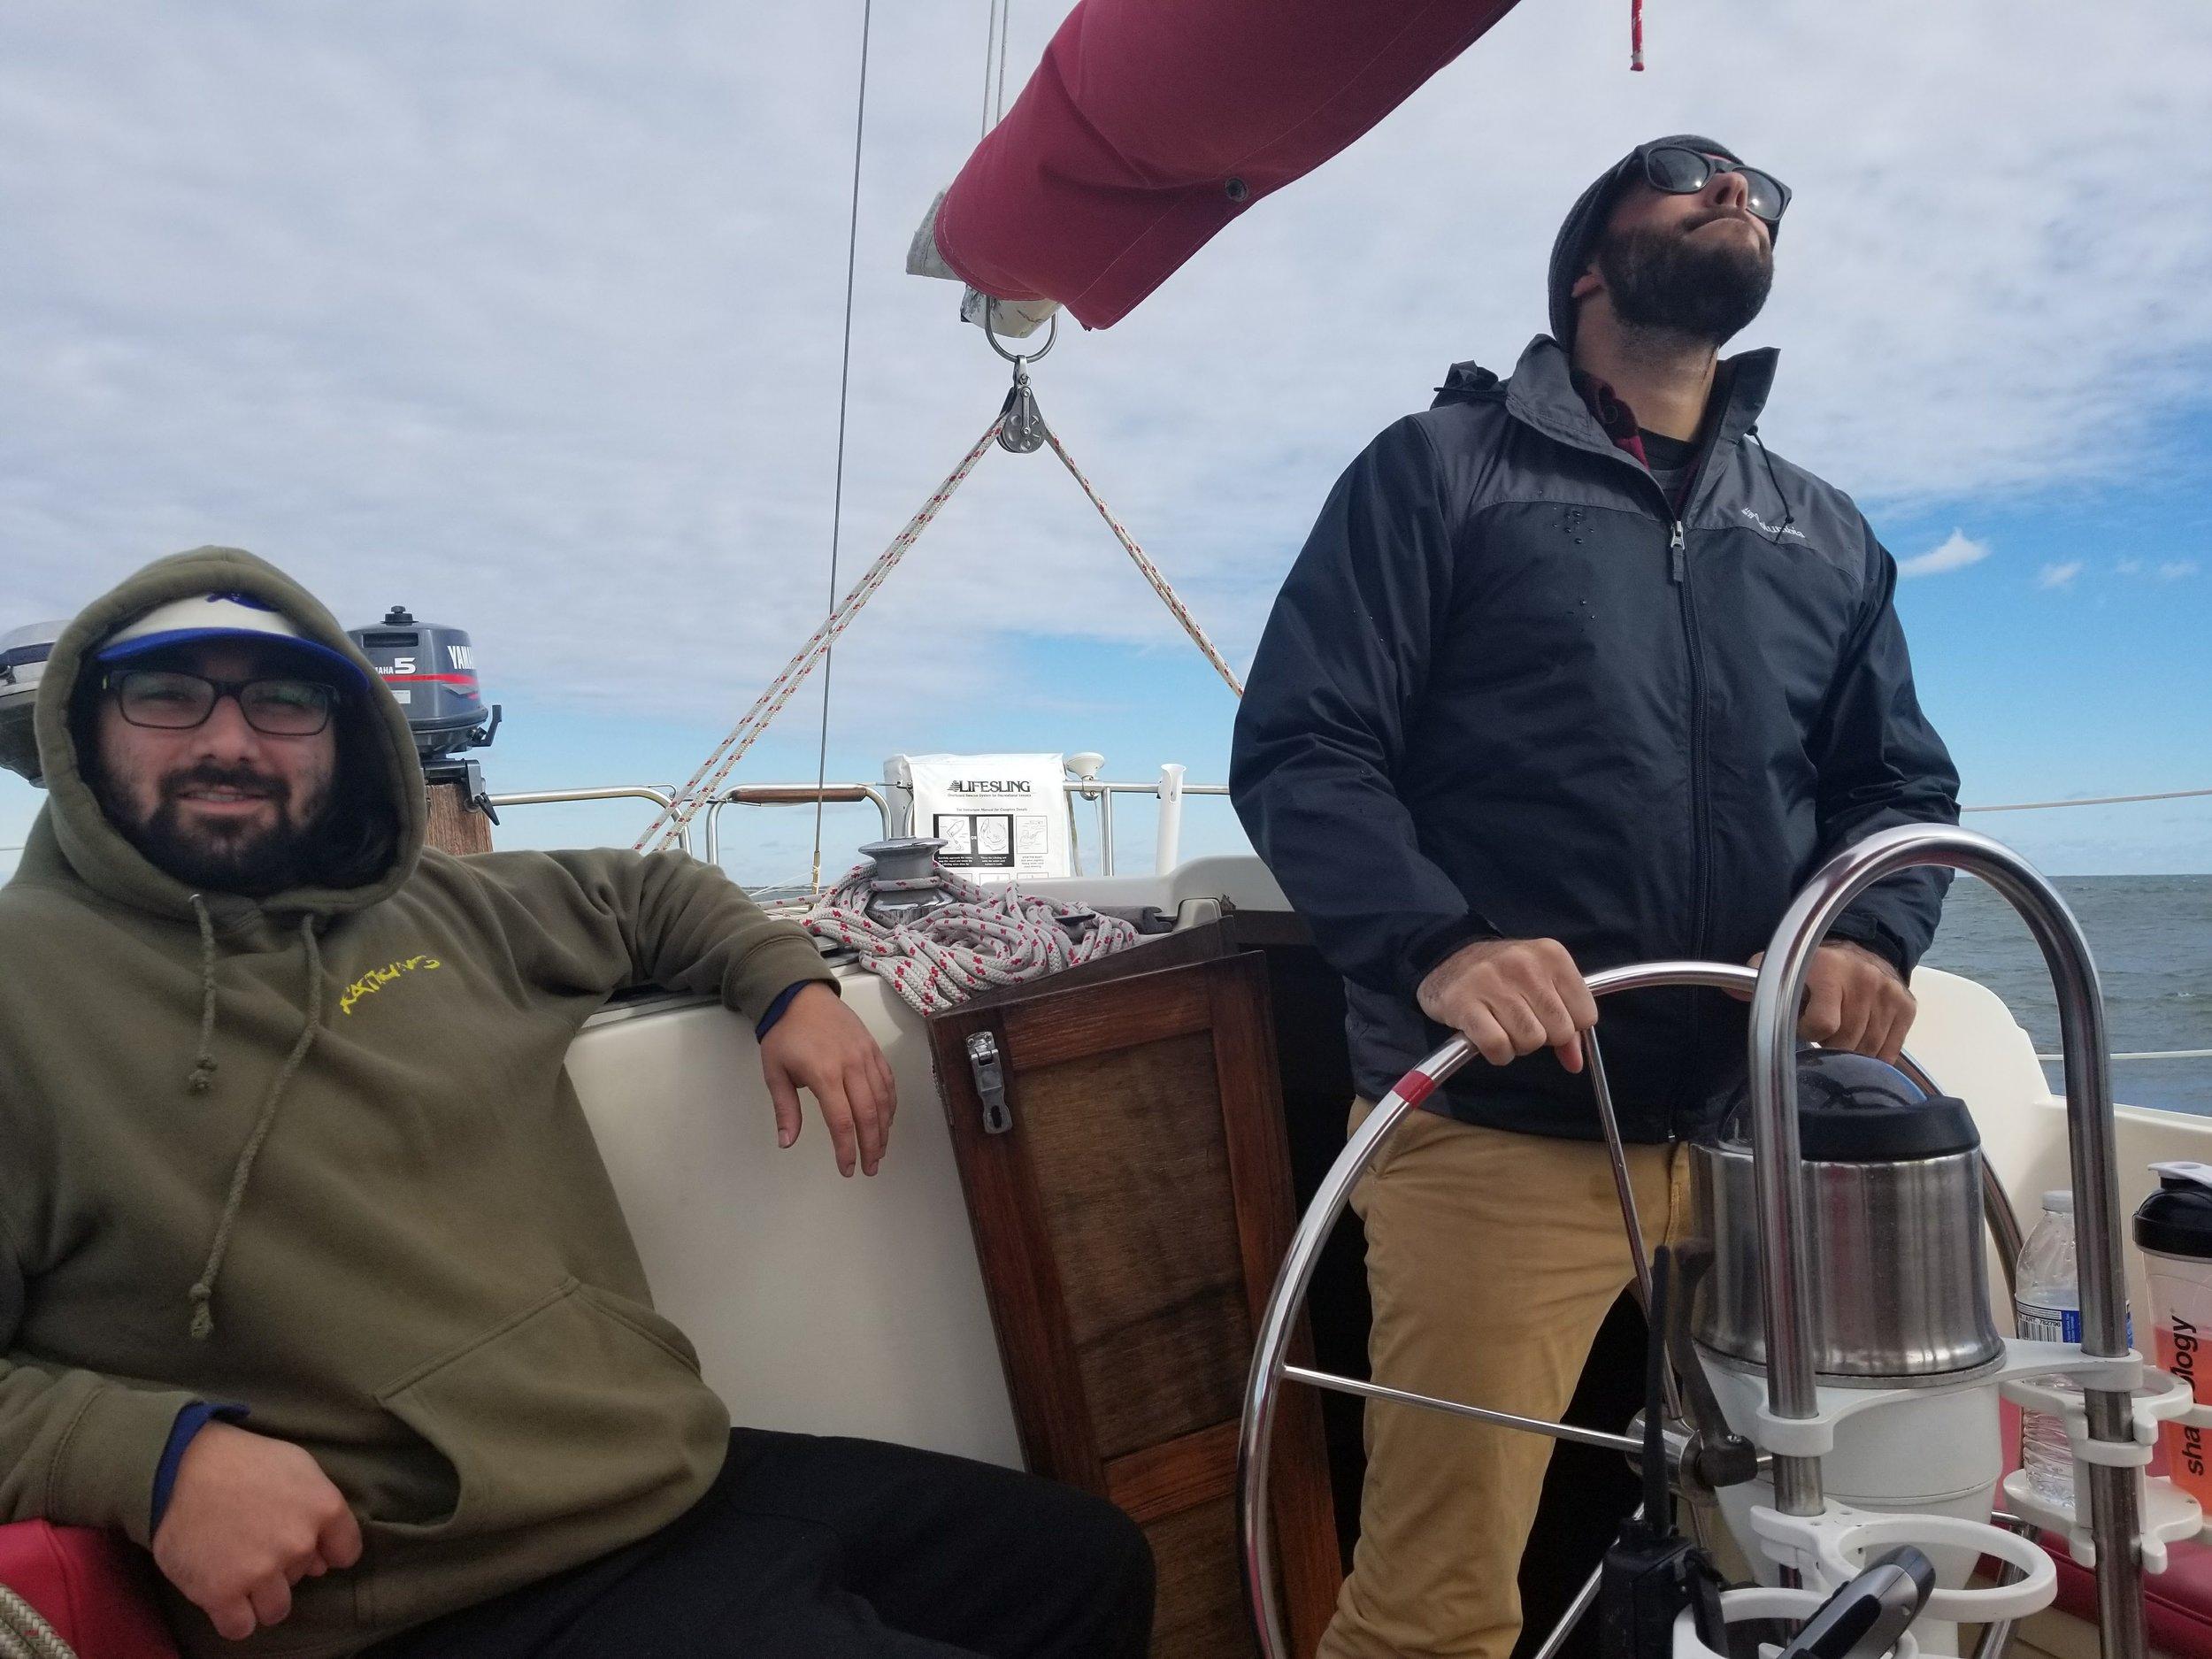 Matt at the wheel and Alex providing comedic relief.